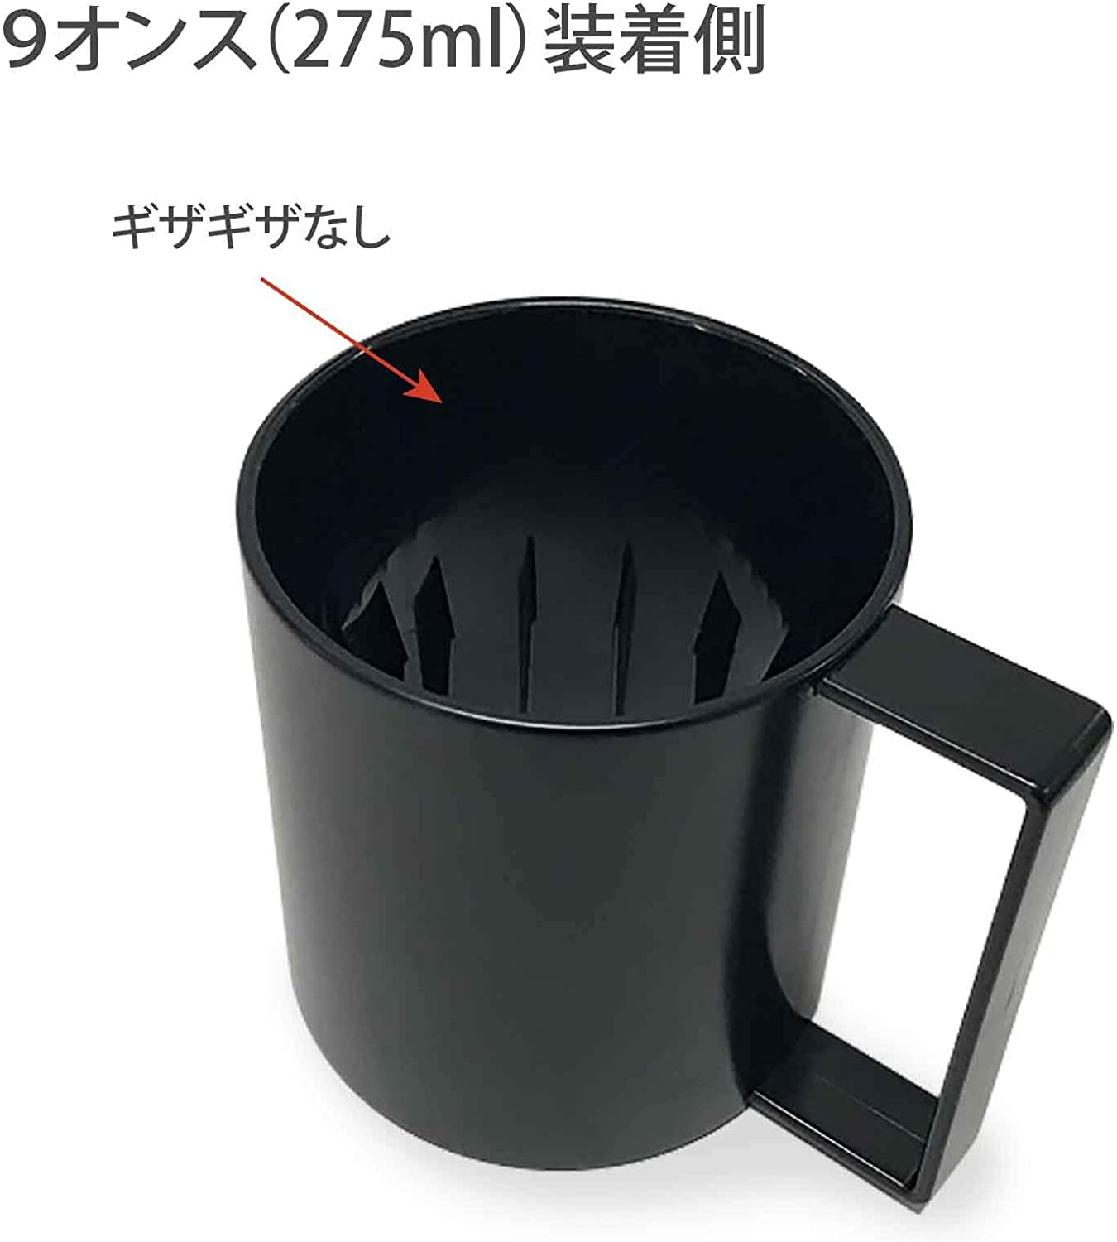 中井銘鈑(なかいめいばん)紙コップホルダー KH-123の商品画像5